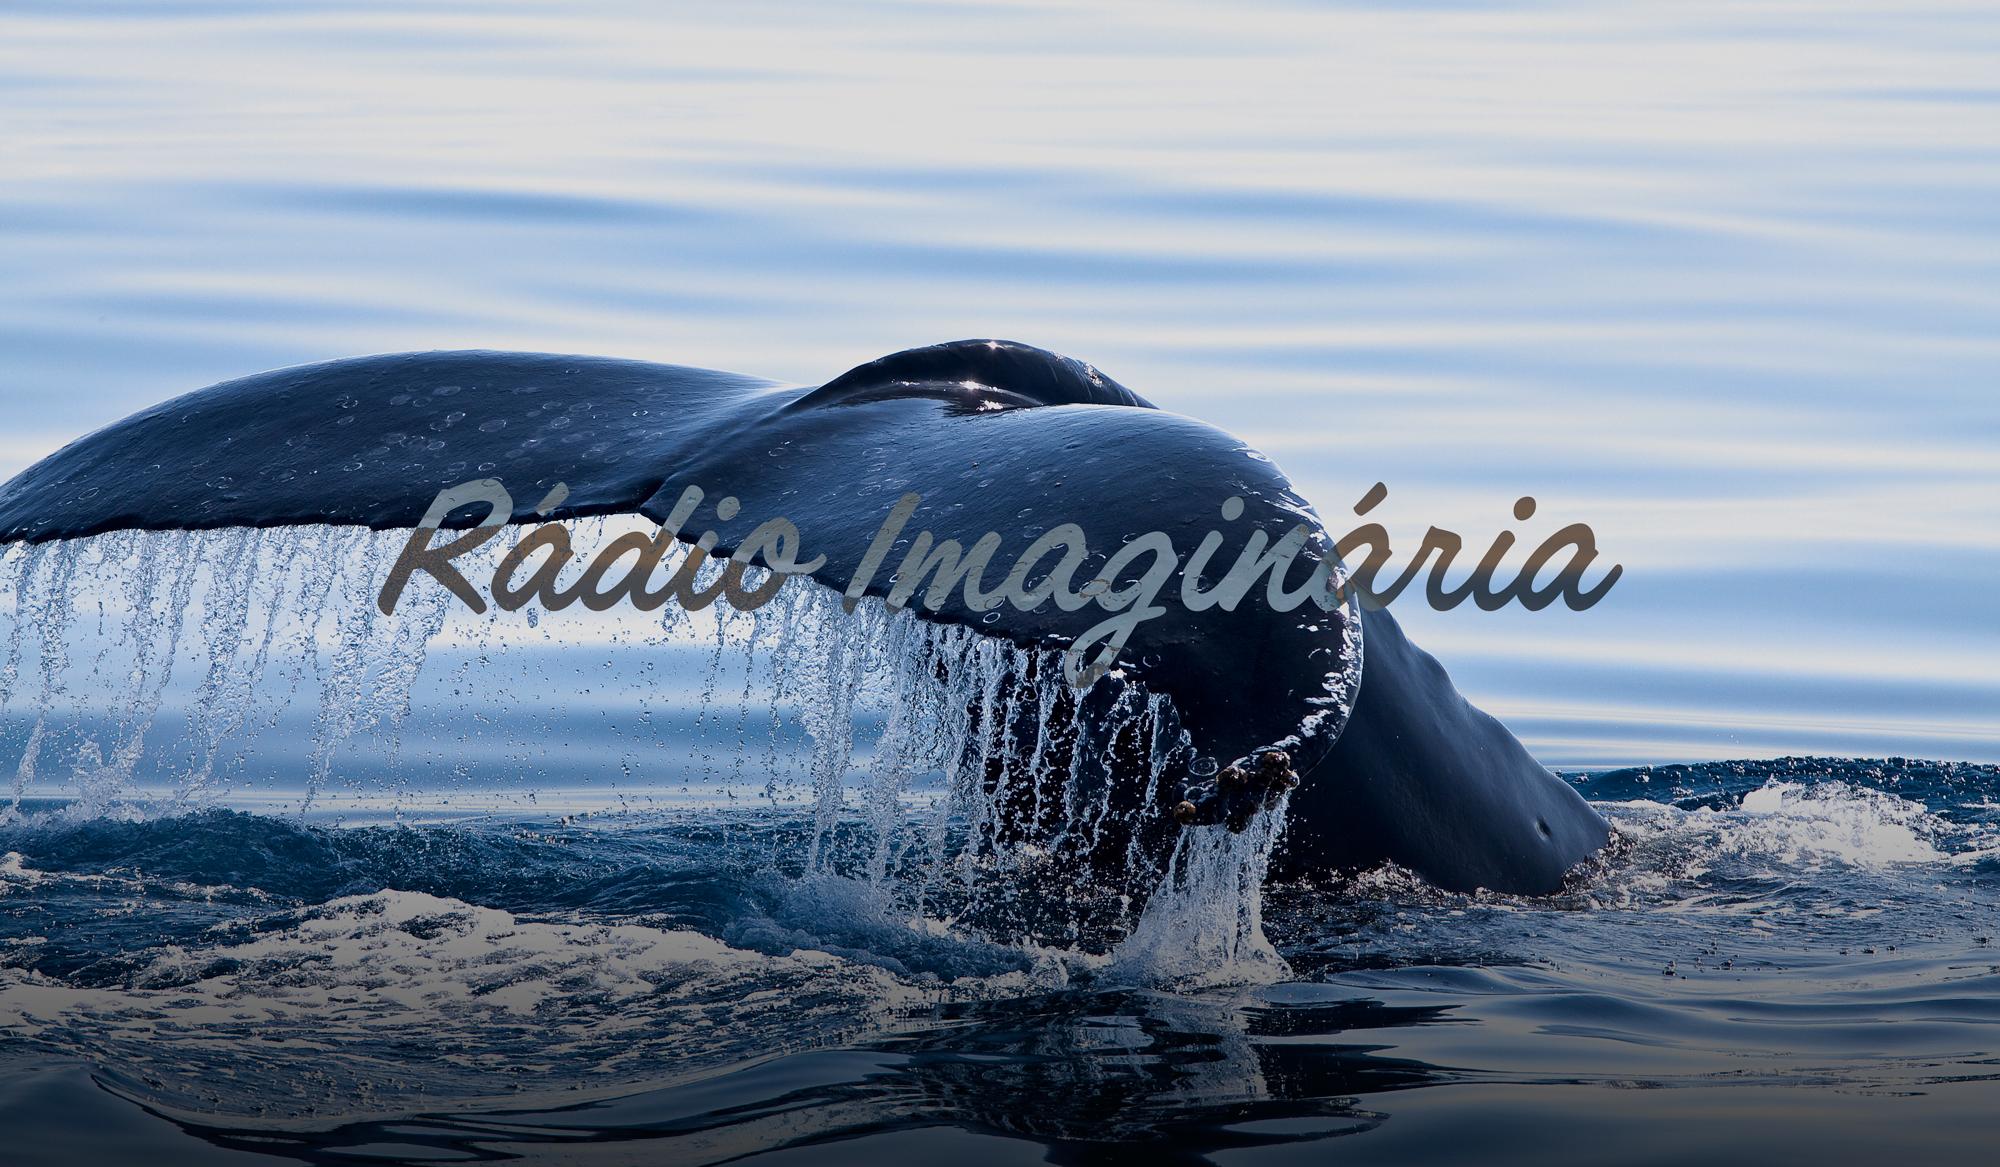 Rádio Imaginária: A Baleia